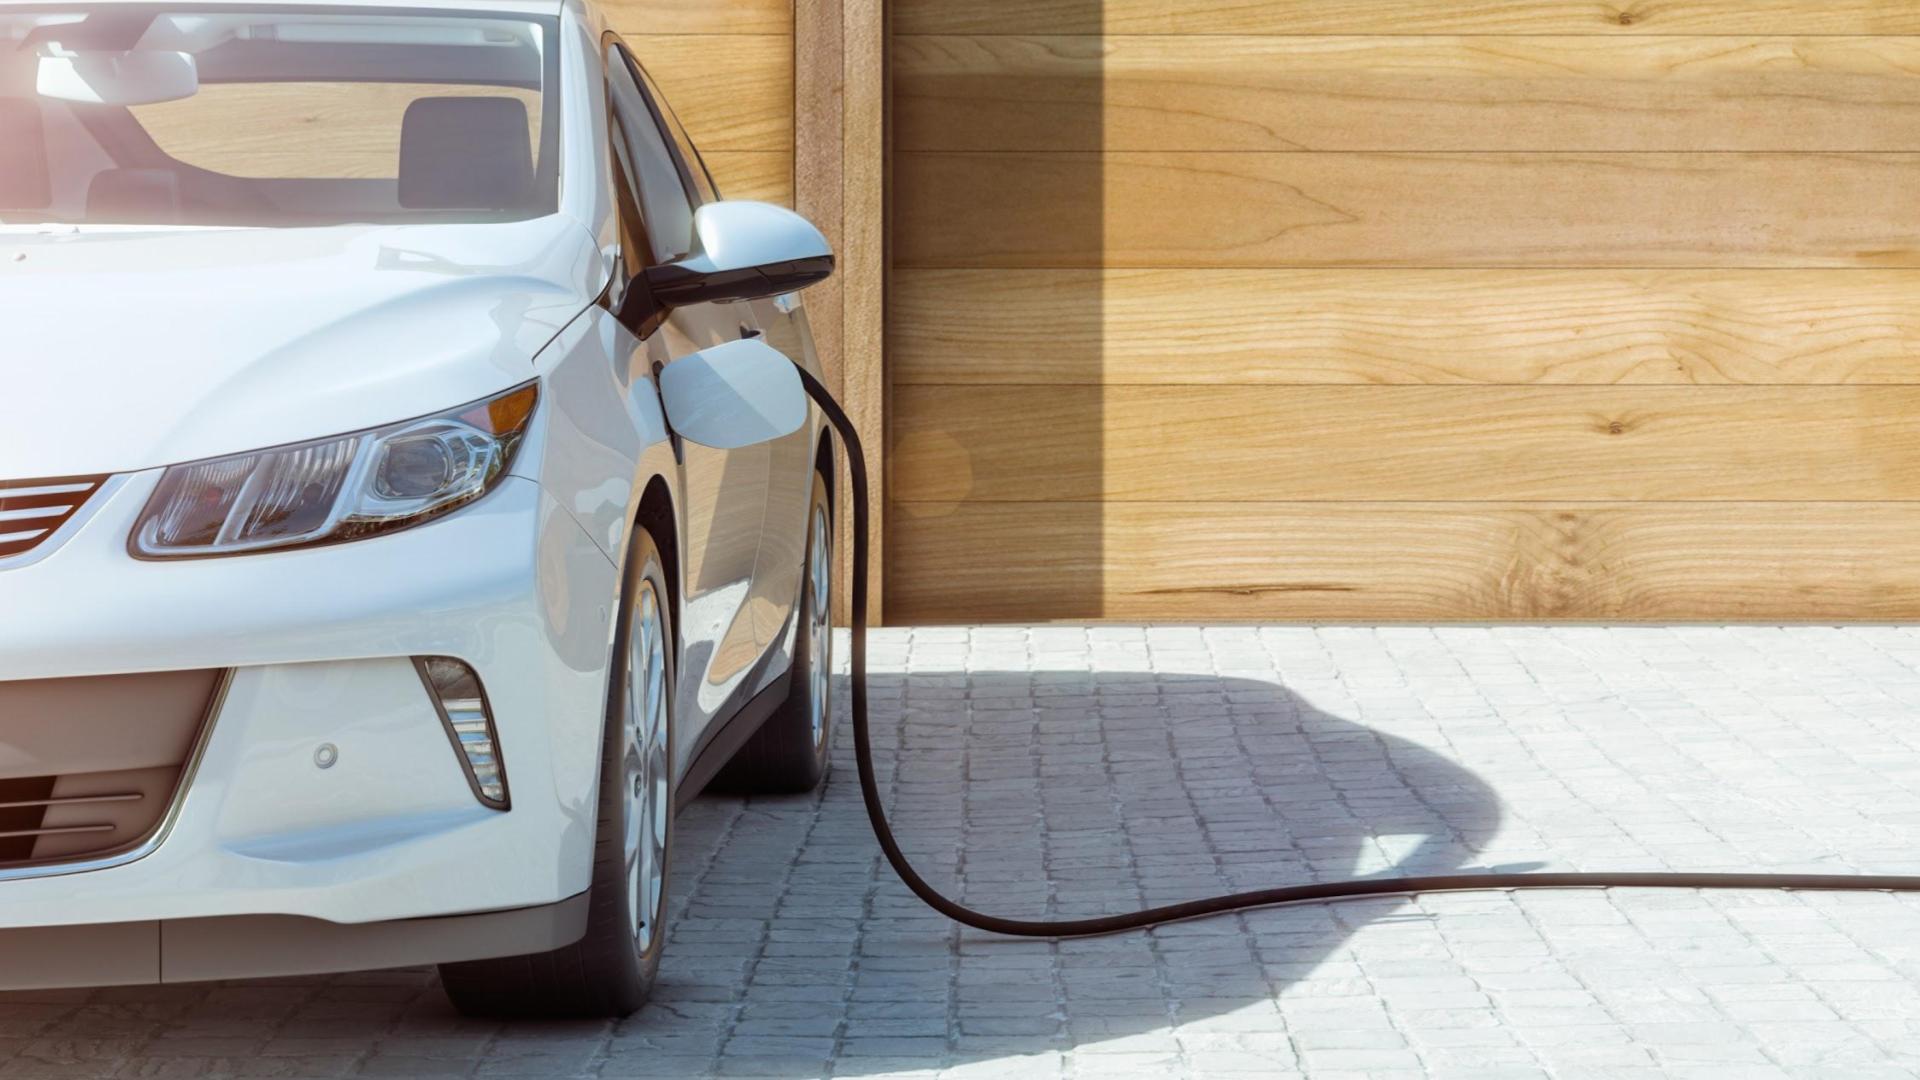 Installation d'une solution de recharge de voiture électrique (borne murale ou prise renforcée) - PARCOURS SALES